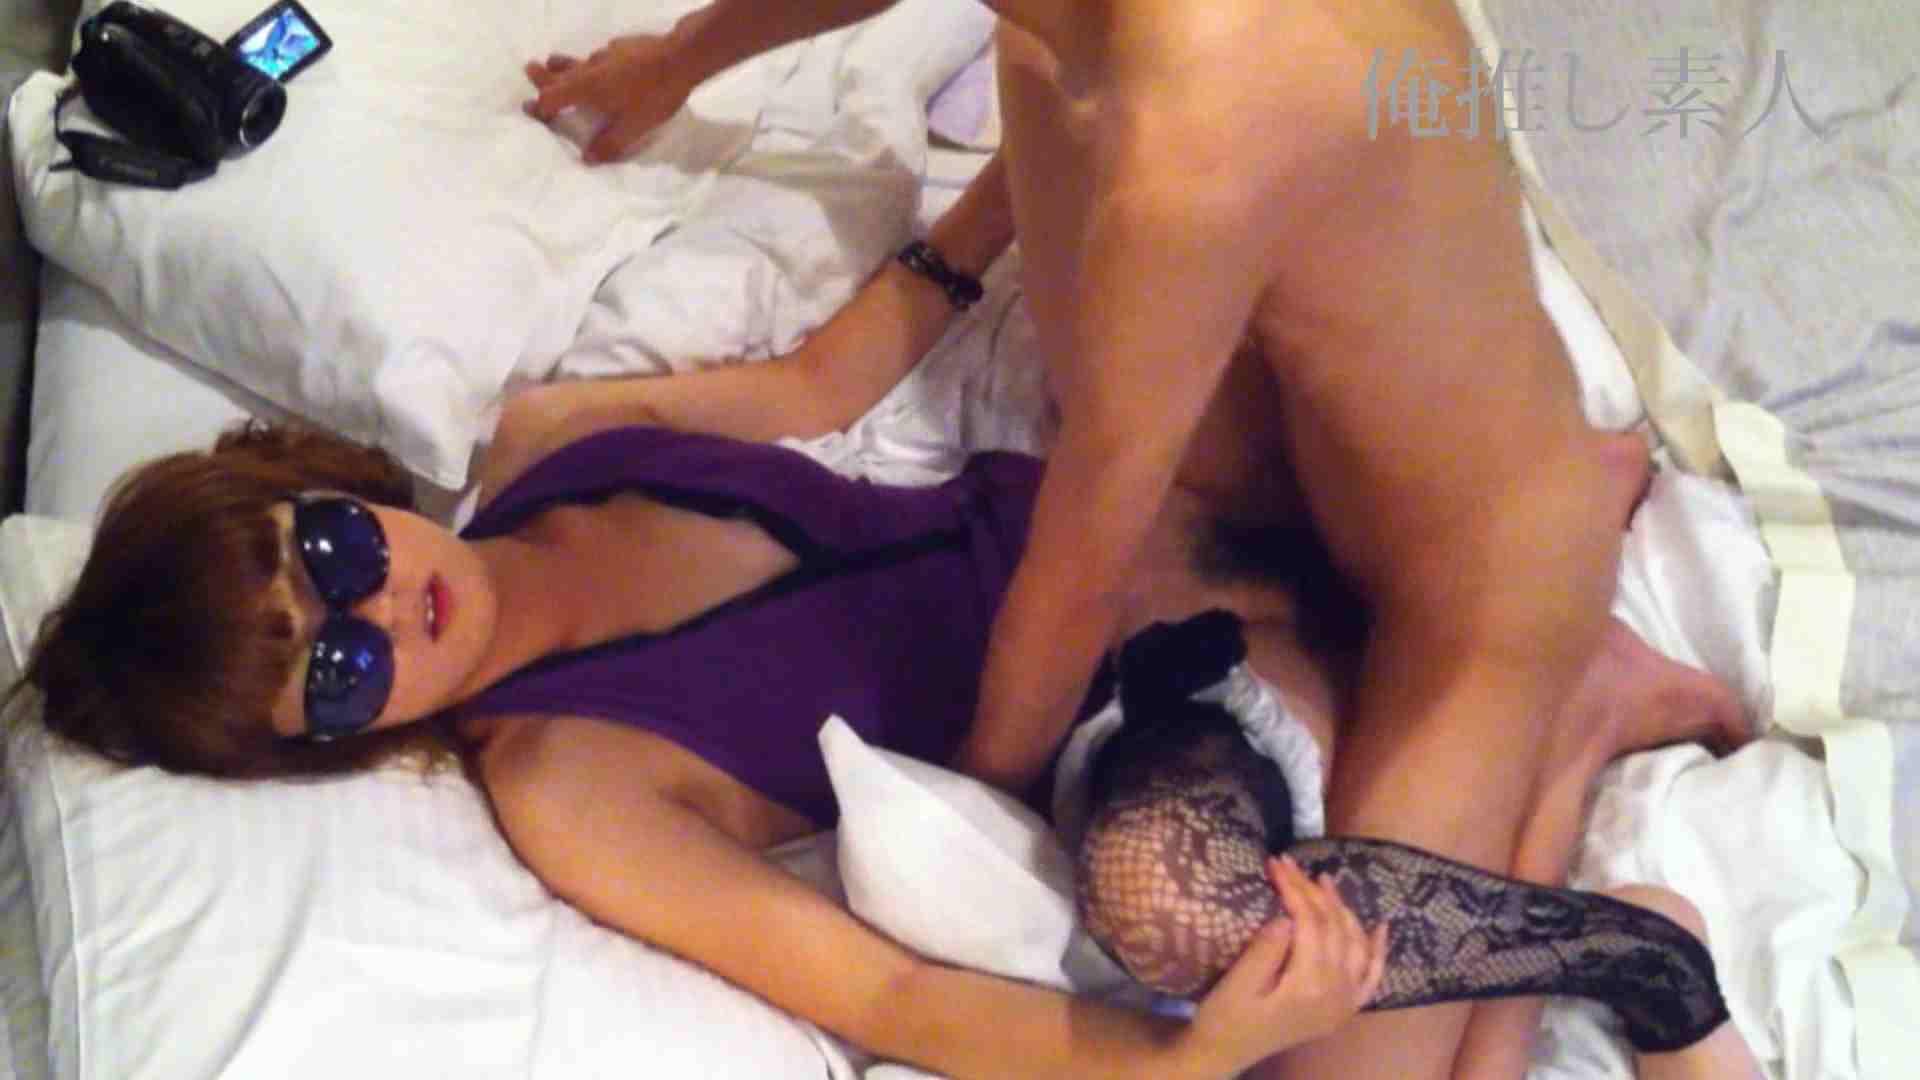 俺推し素人 キャバクラ嬢26歳久美vol2 SEX映像 セックス画像 85pic 54